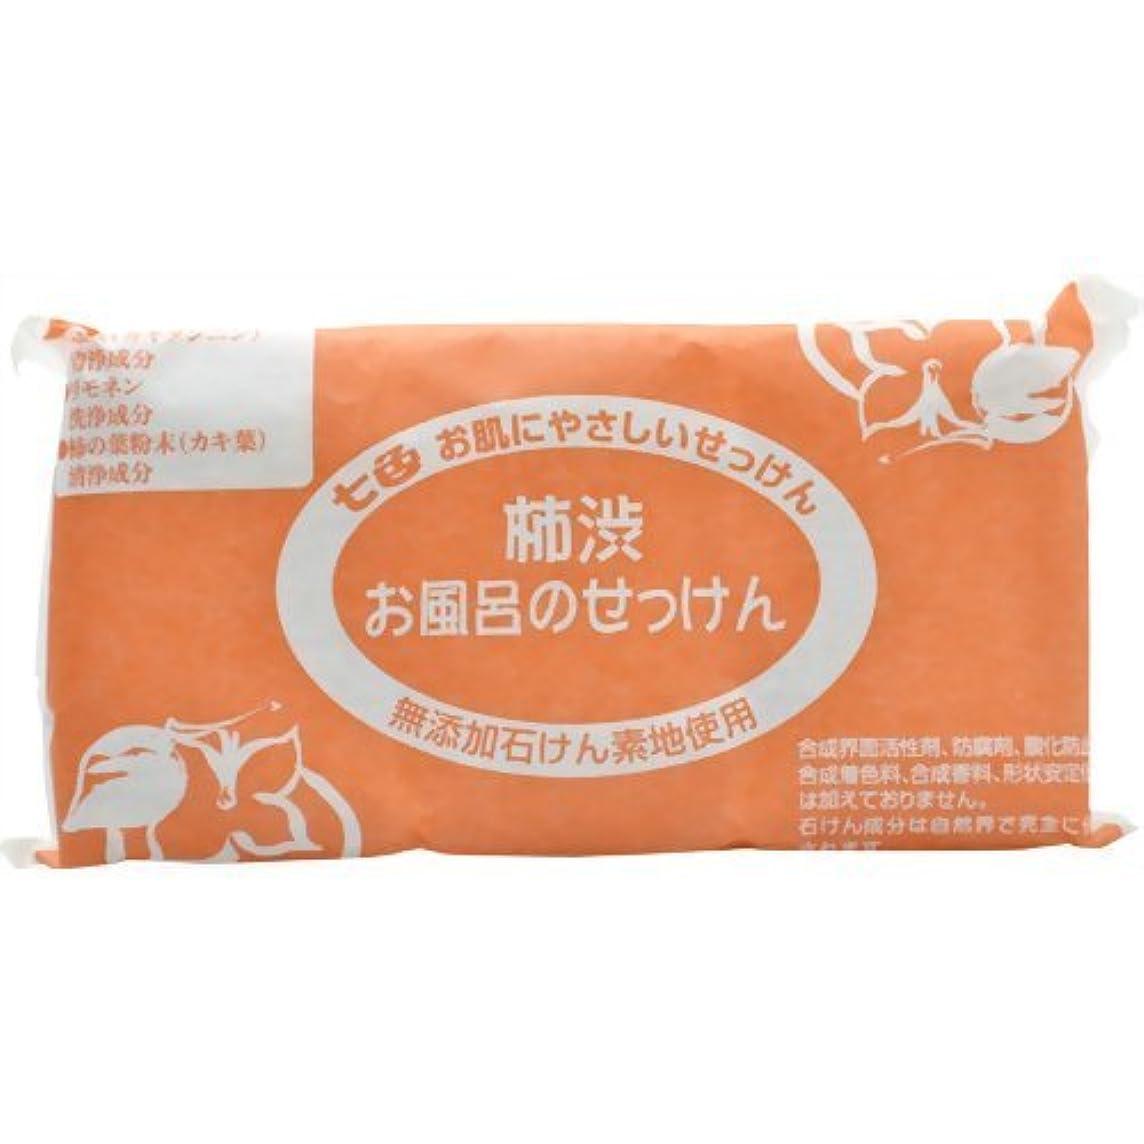 タンパク質変更不機嫌そうな七色 お風呂のせっけん 柿渋(無添加石鹸) 100g×3個入